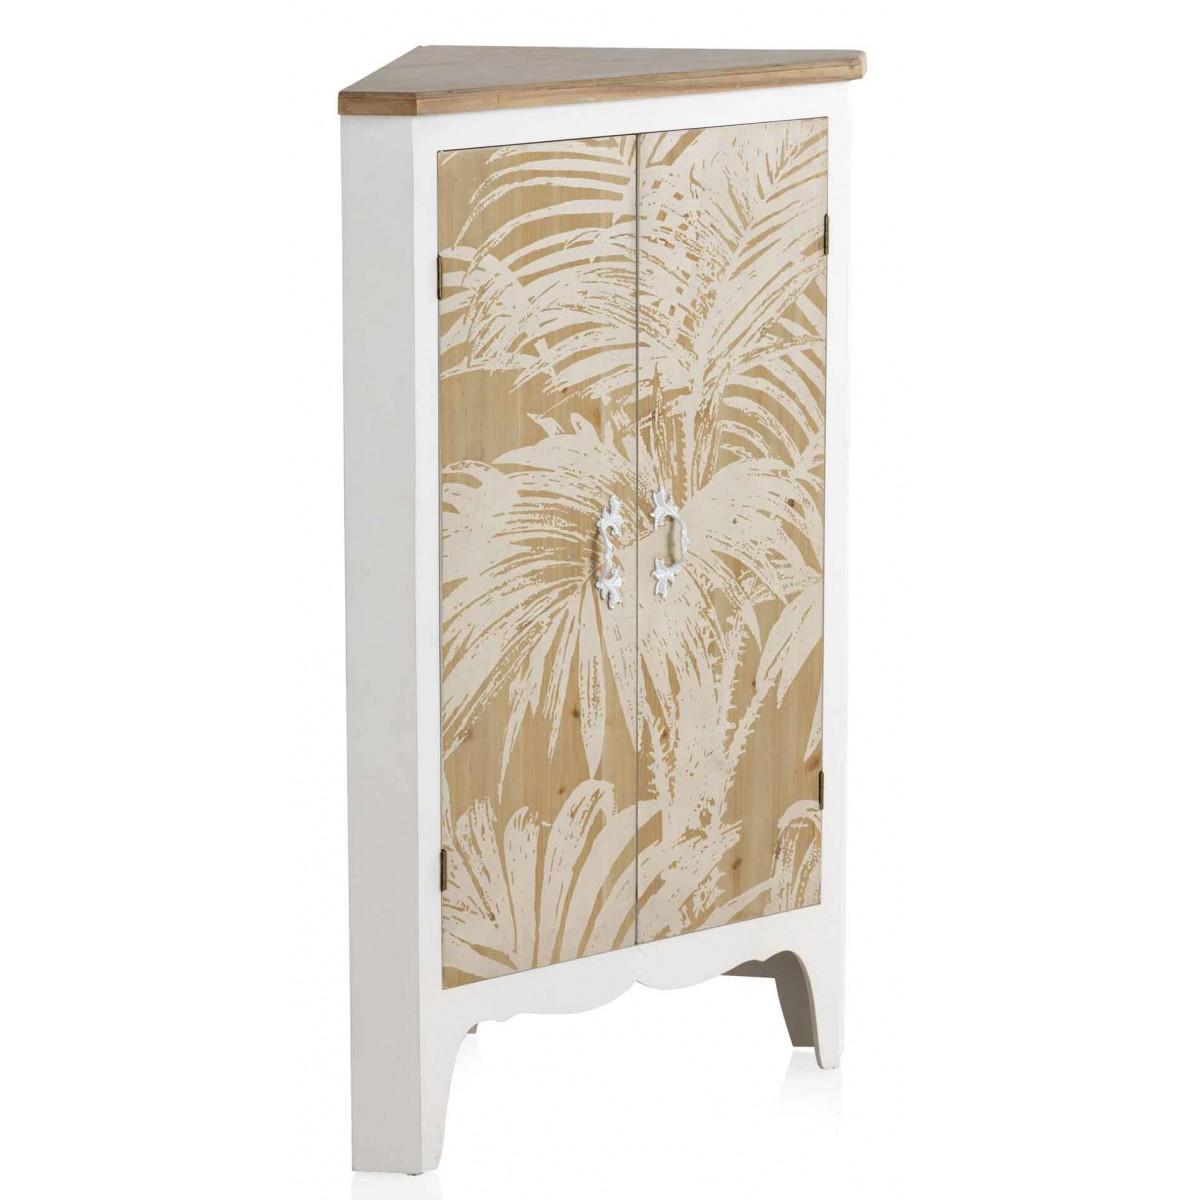 Mueble rinconera trianz madera blanco y natural - Mueble rinconera ...